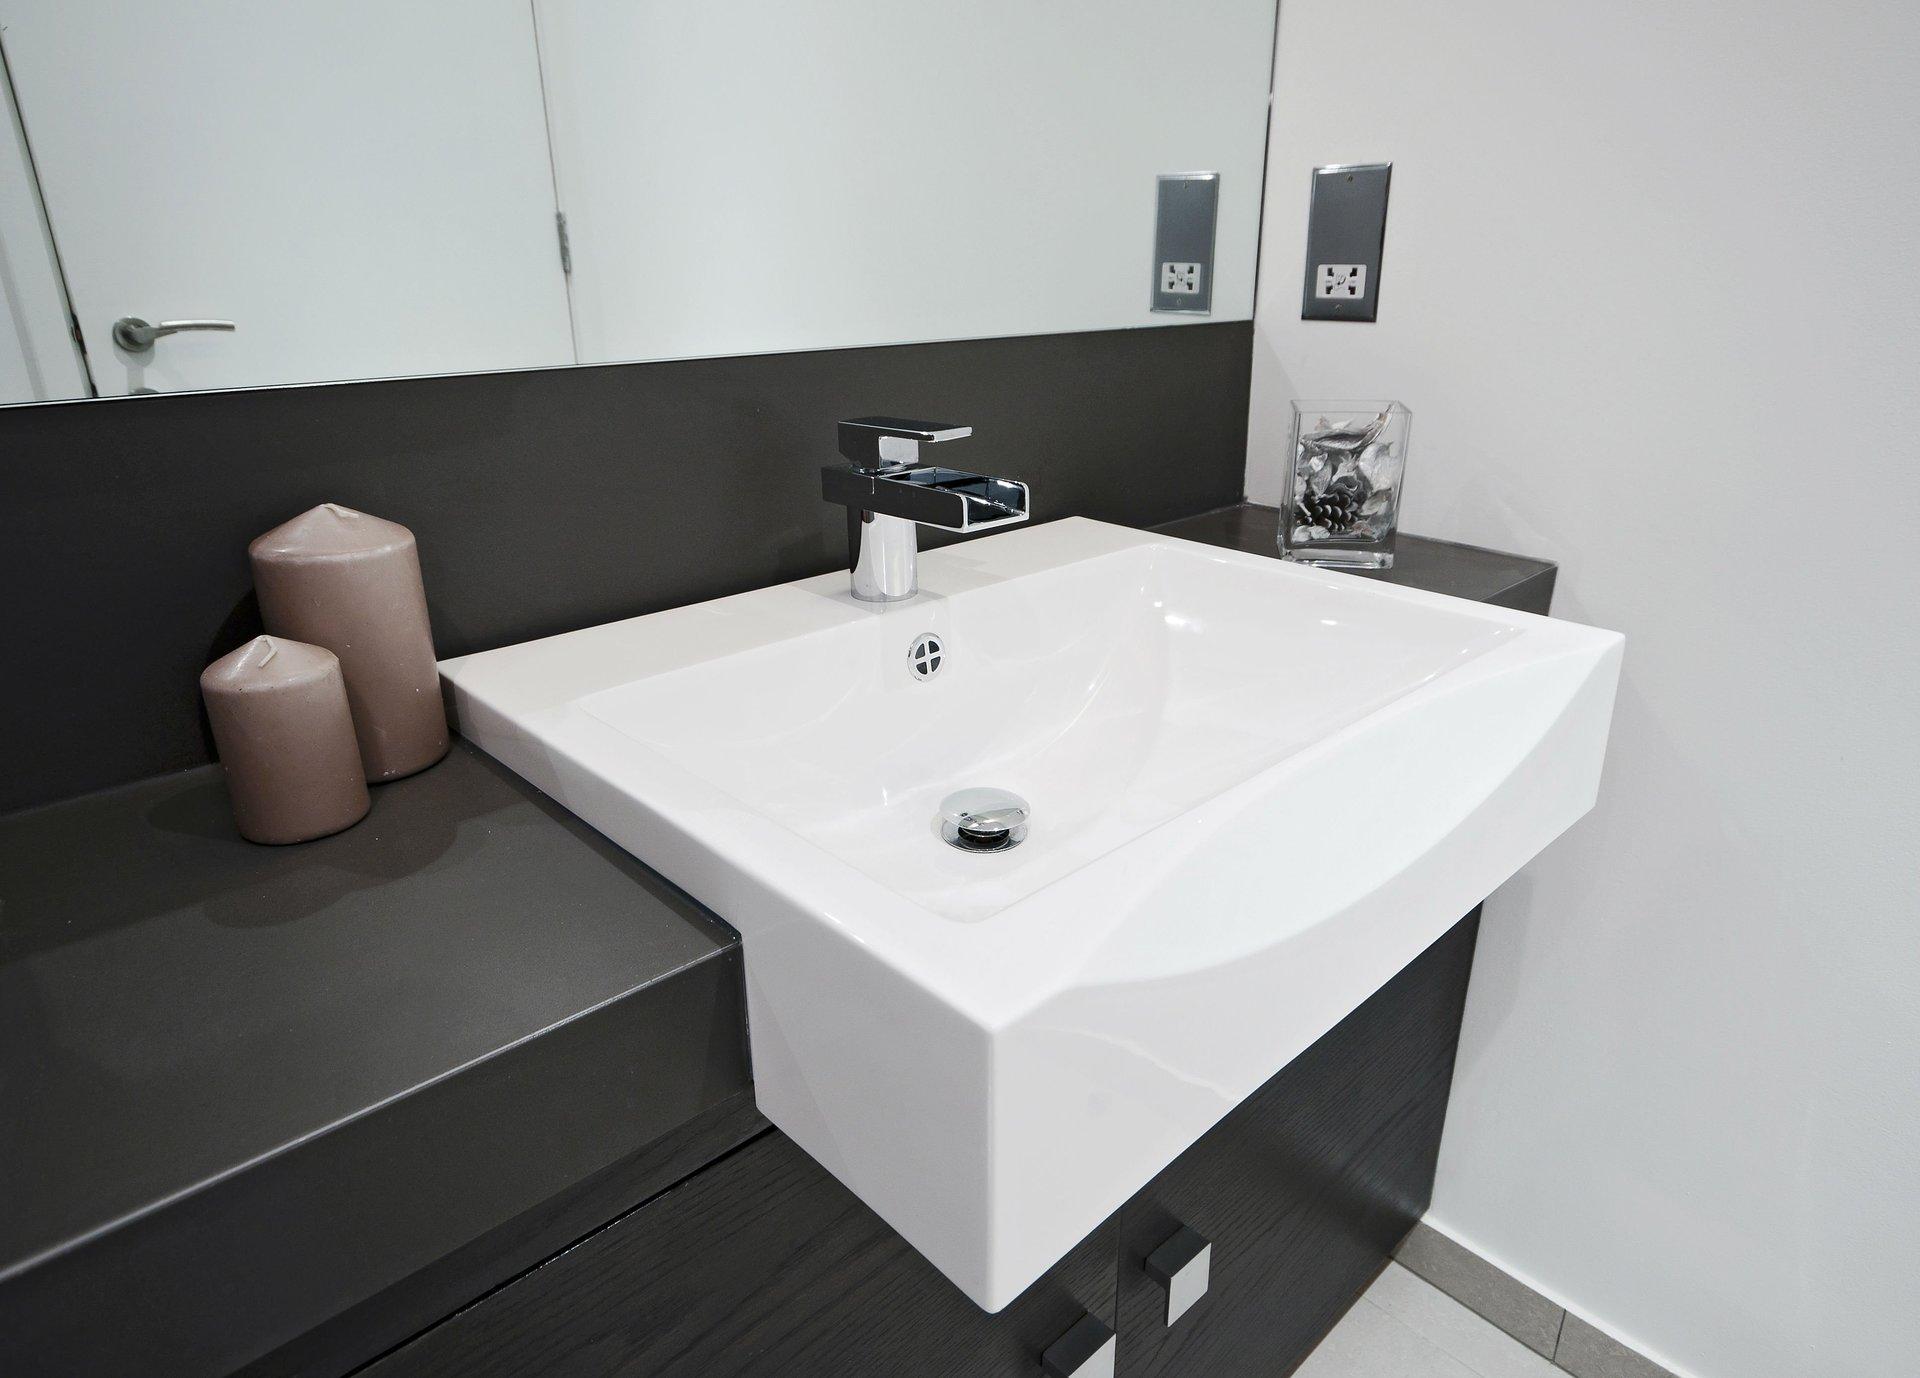 un lavabo rettangolare e un mobile di color grigio scuro